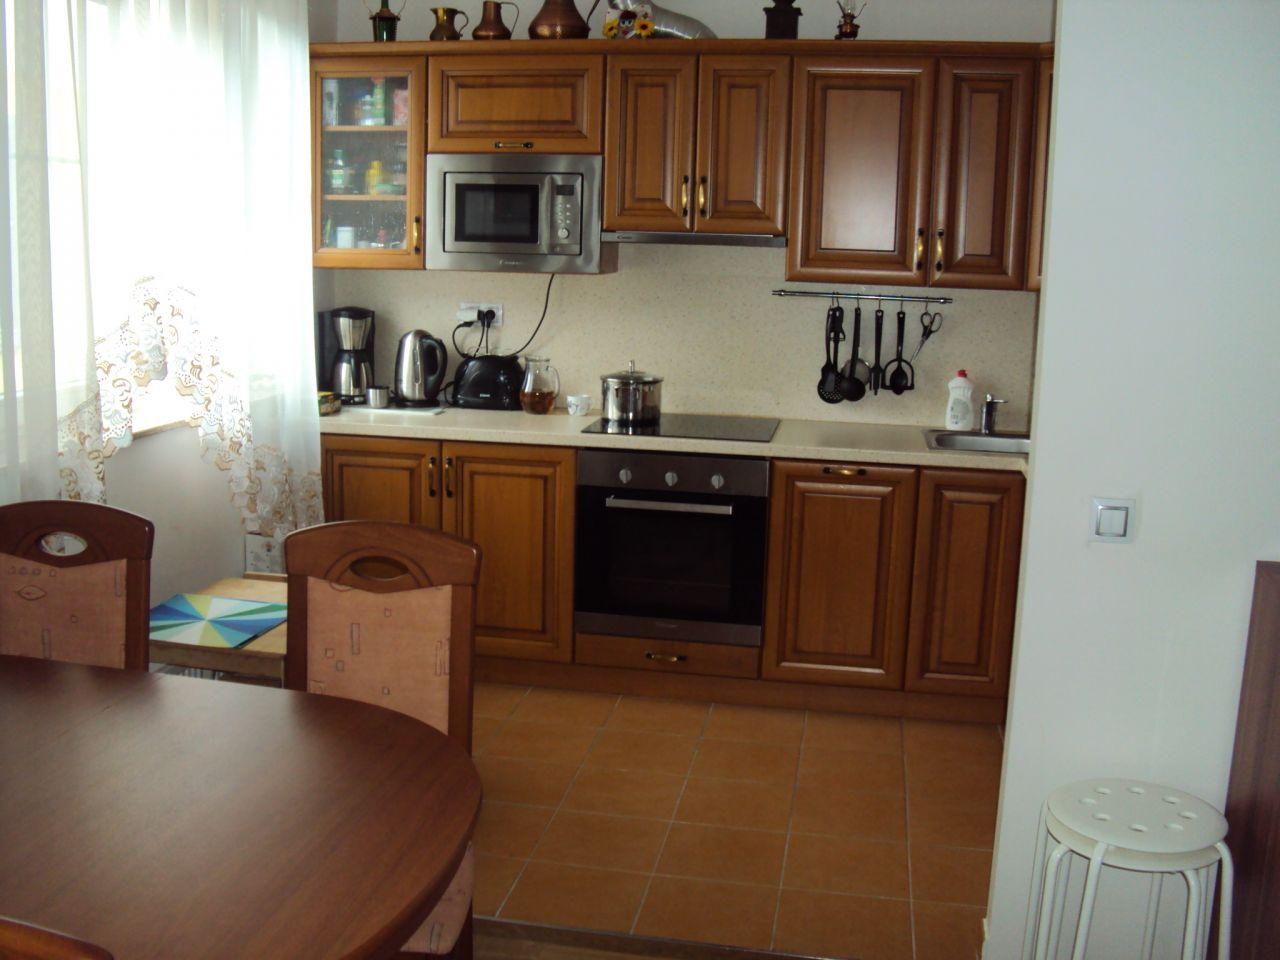 Апартаменты в Карловых-Варах, Чехия, 73 м2 - фото 1